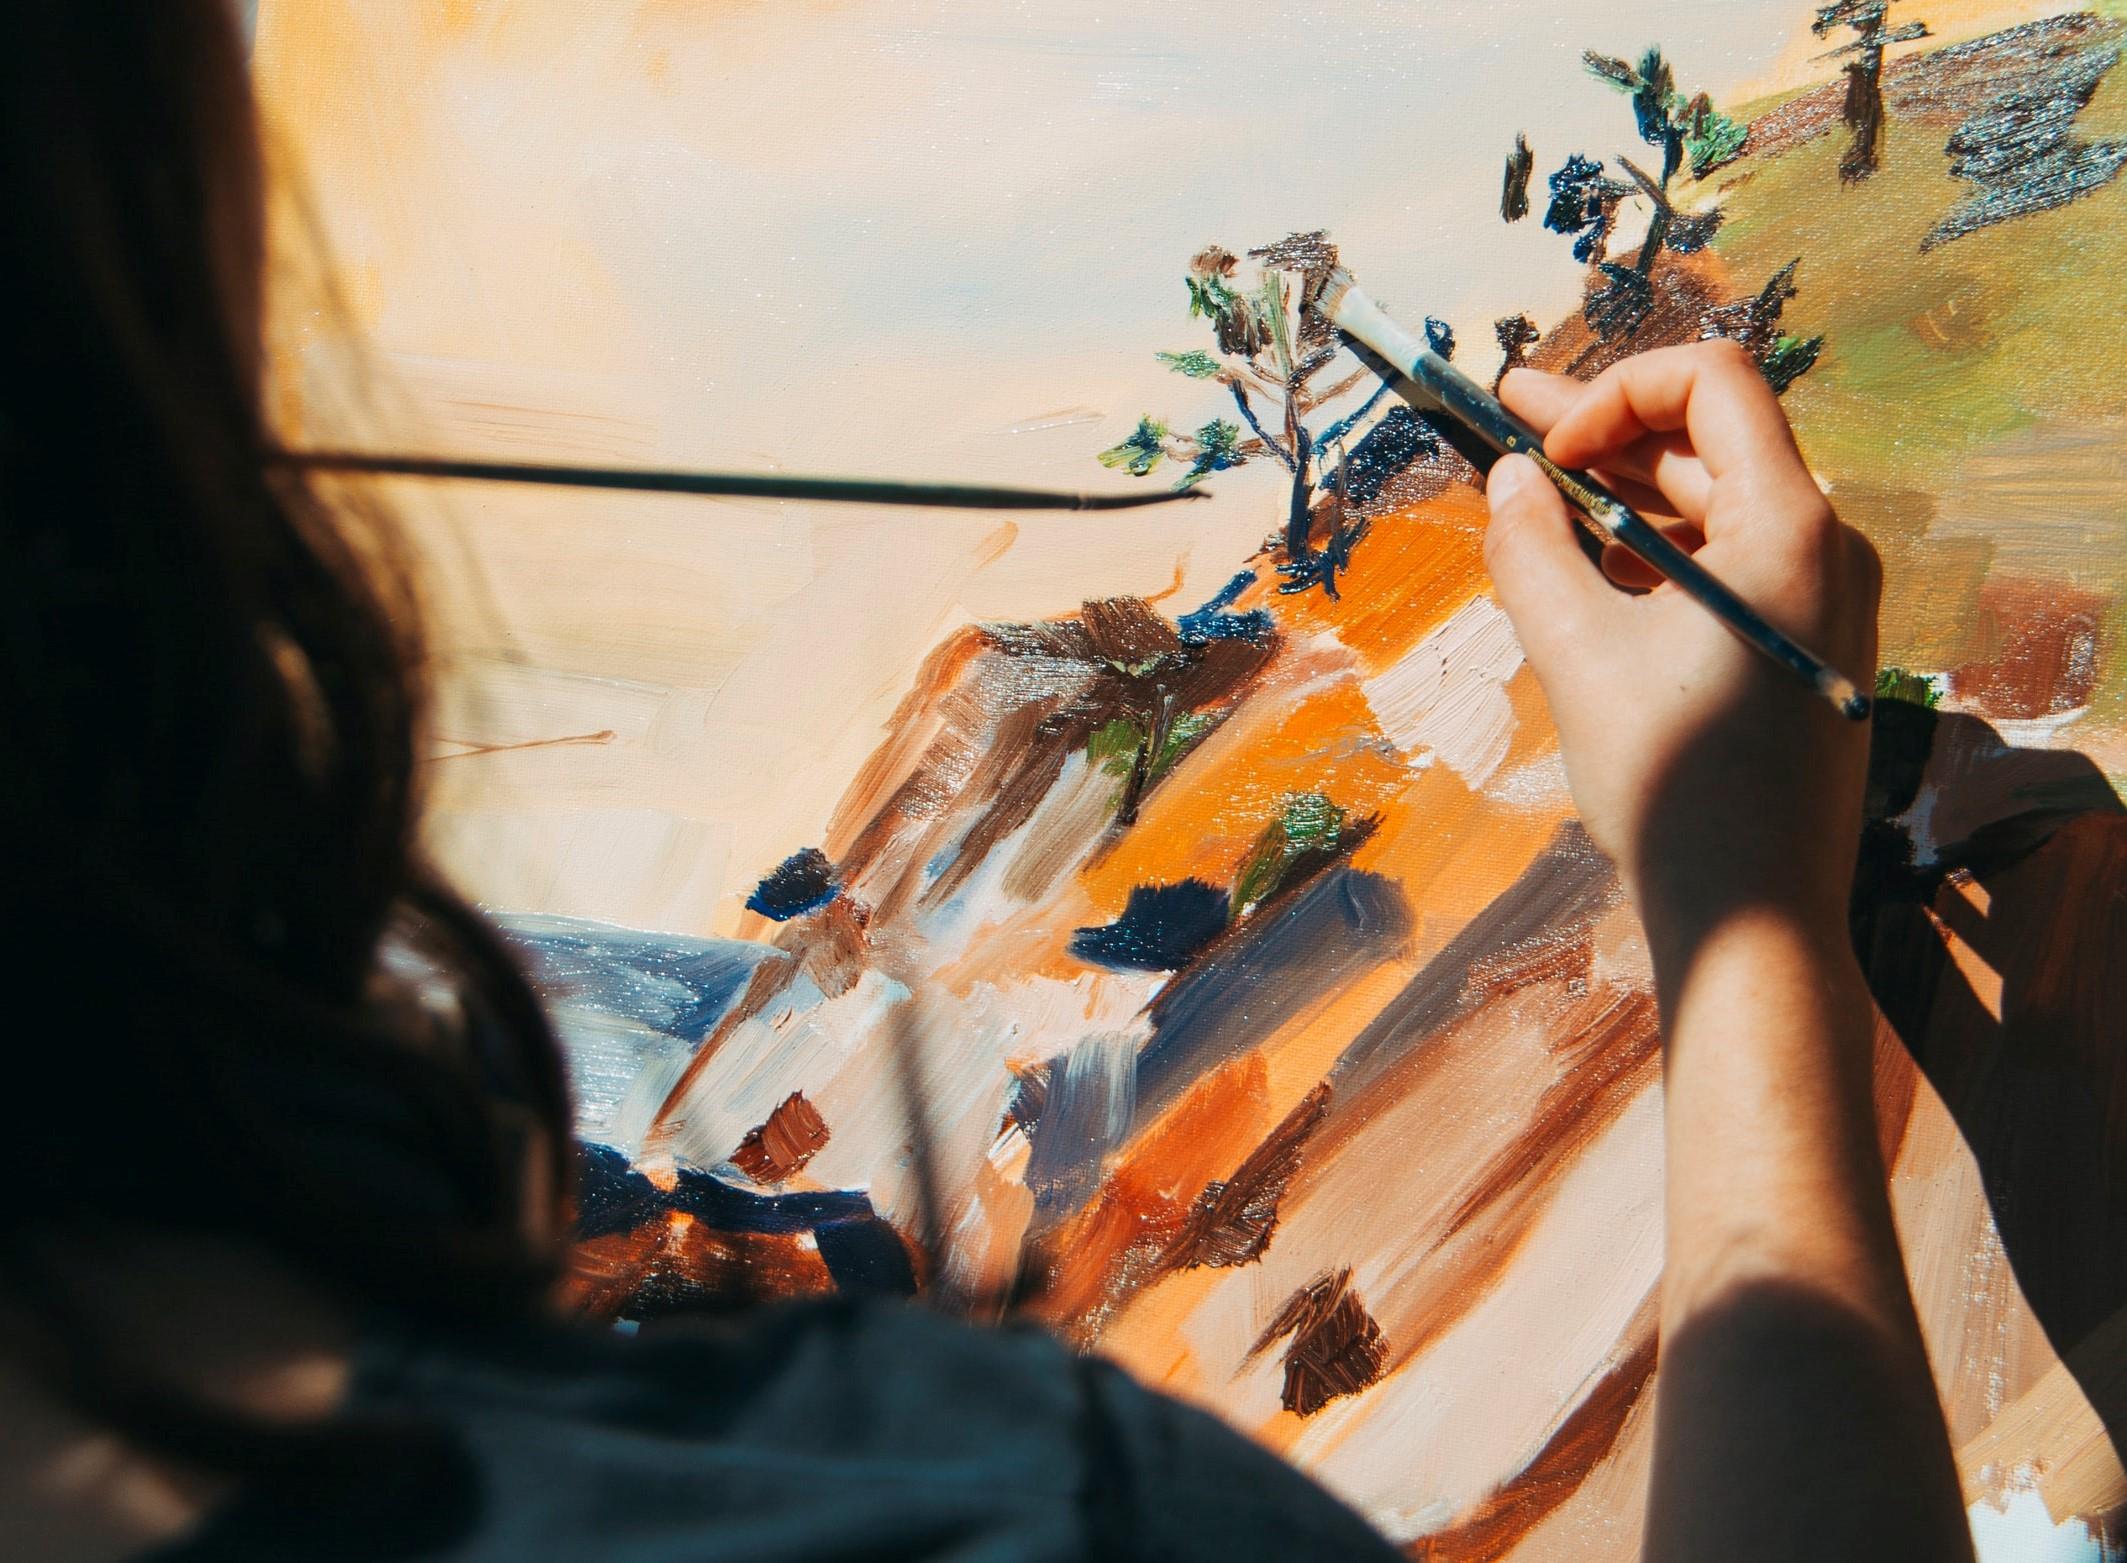 Επαγγελματίες vs Ερασιτέχνες στη Ζωγραφική